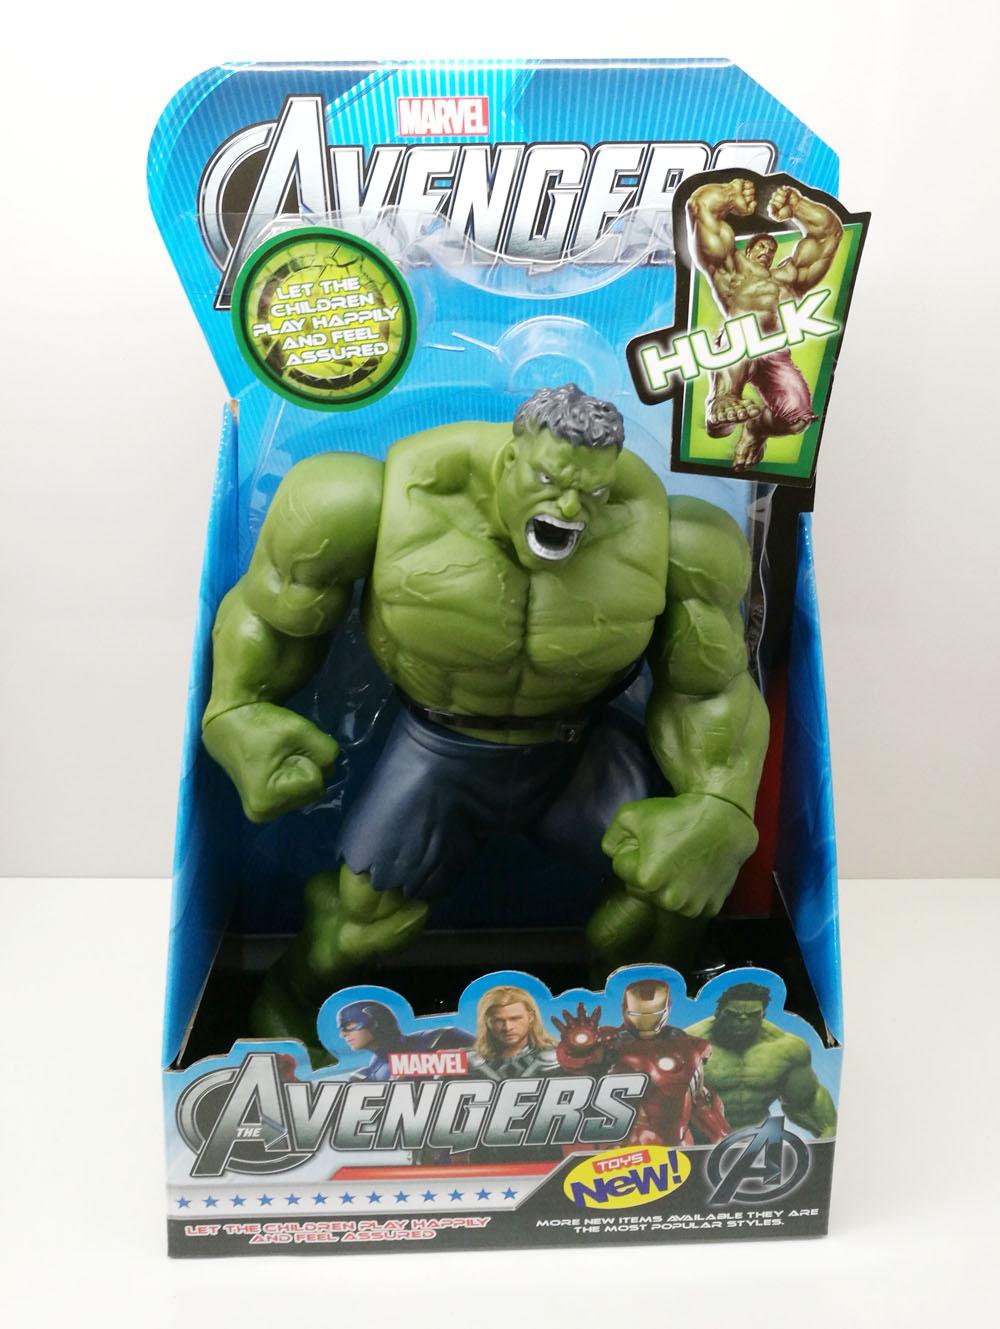 超大青筋肌肉男,爆发力量的绿巨人,咆哮愤怒的表情**是稀有品种,做工图片